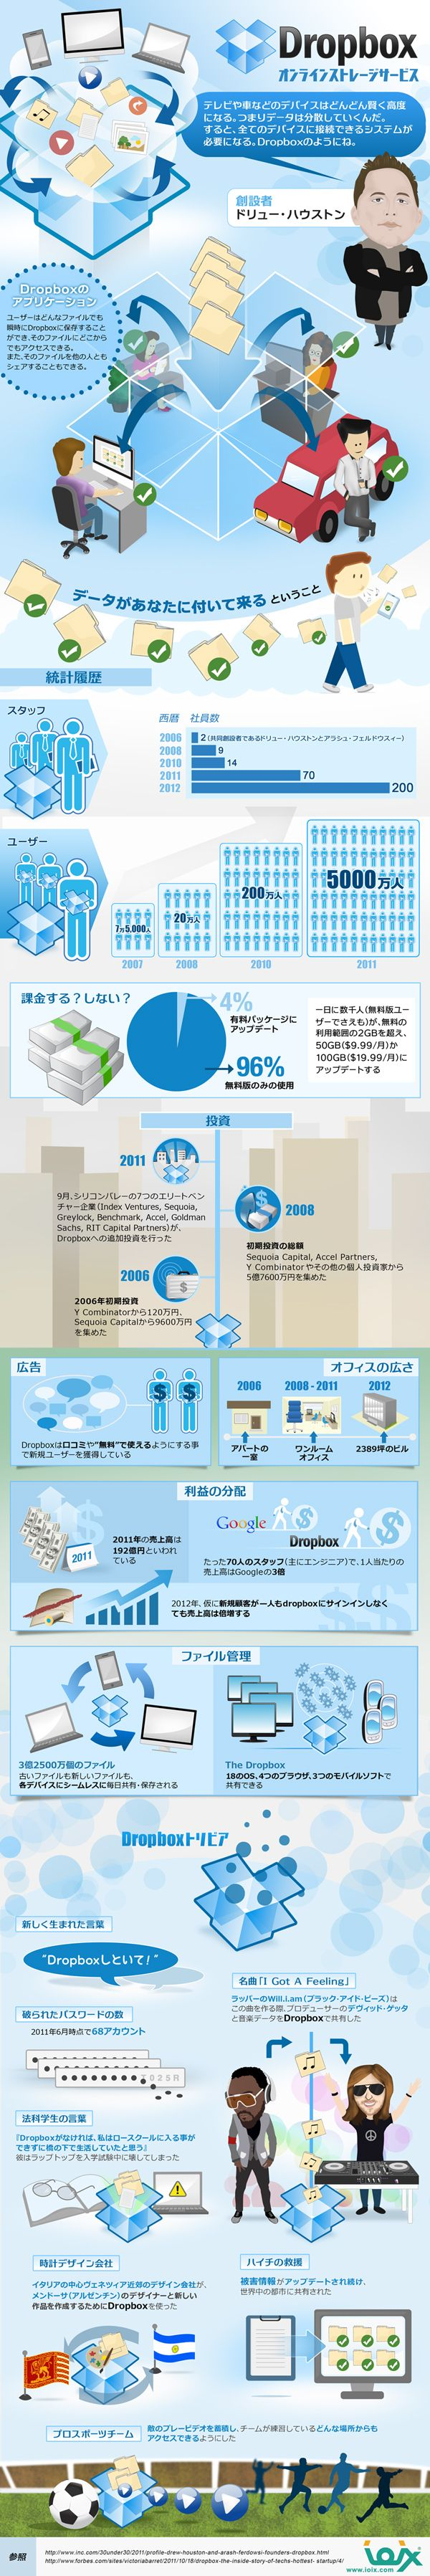 Dropboxの成功の歴史を一枚の絵にまとめたインフォグラフィック